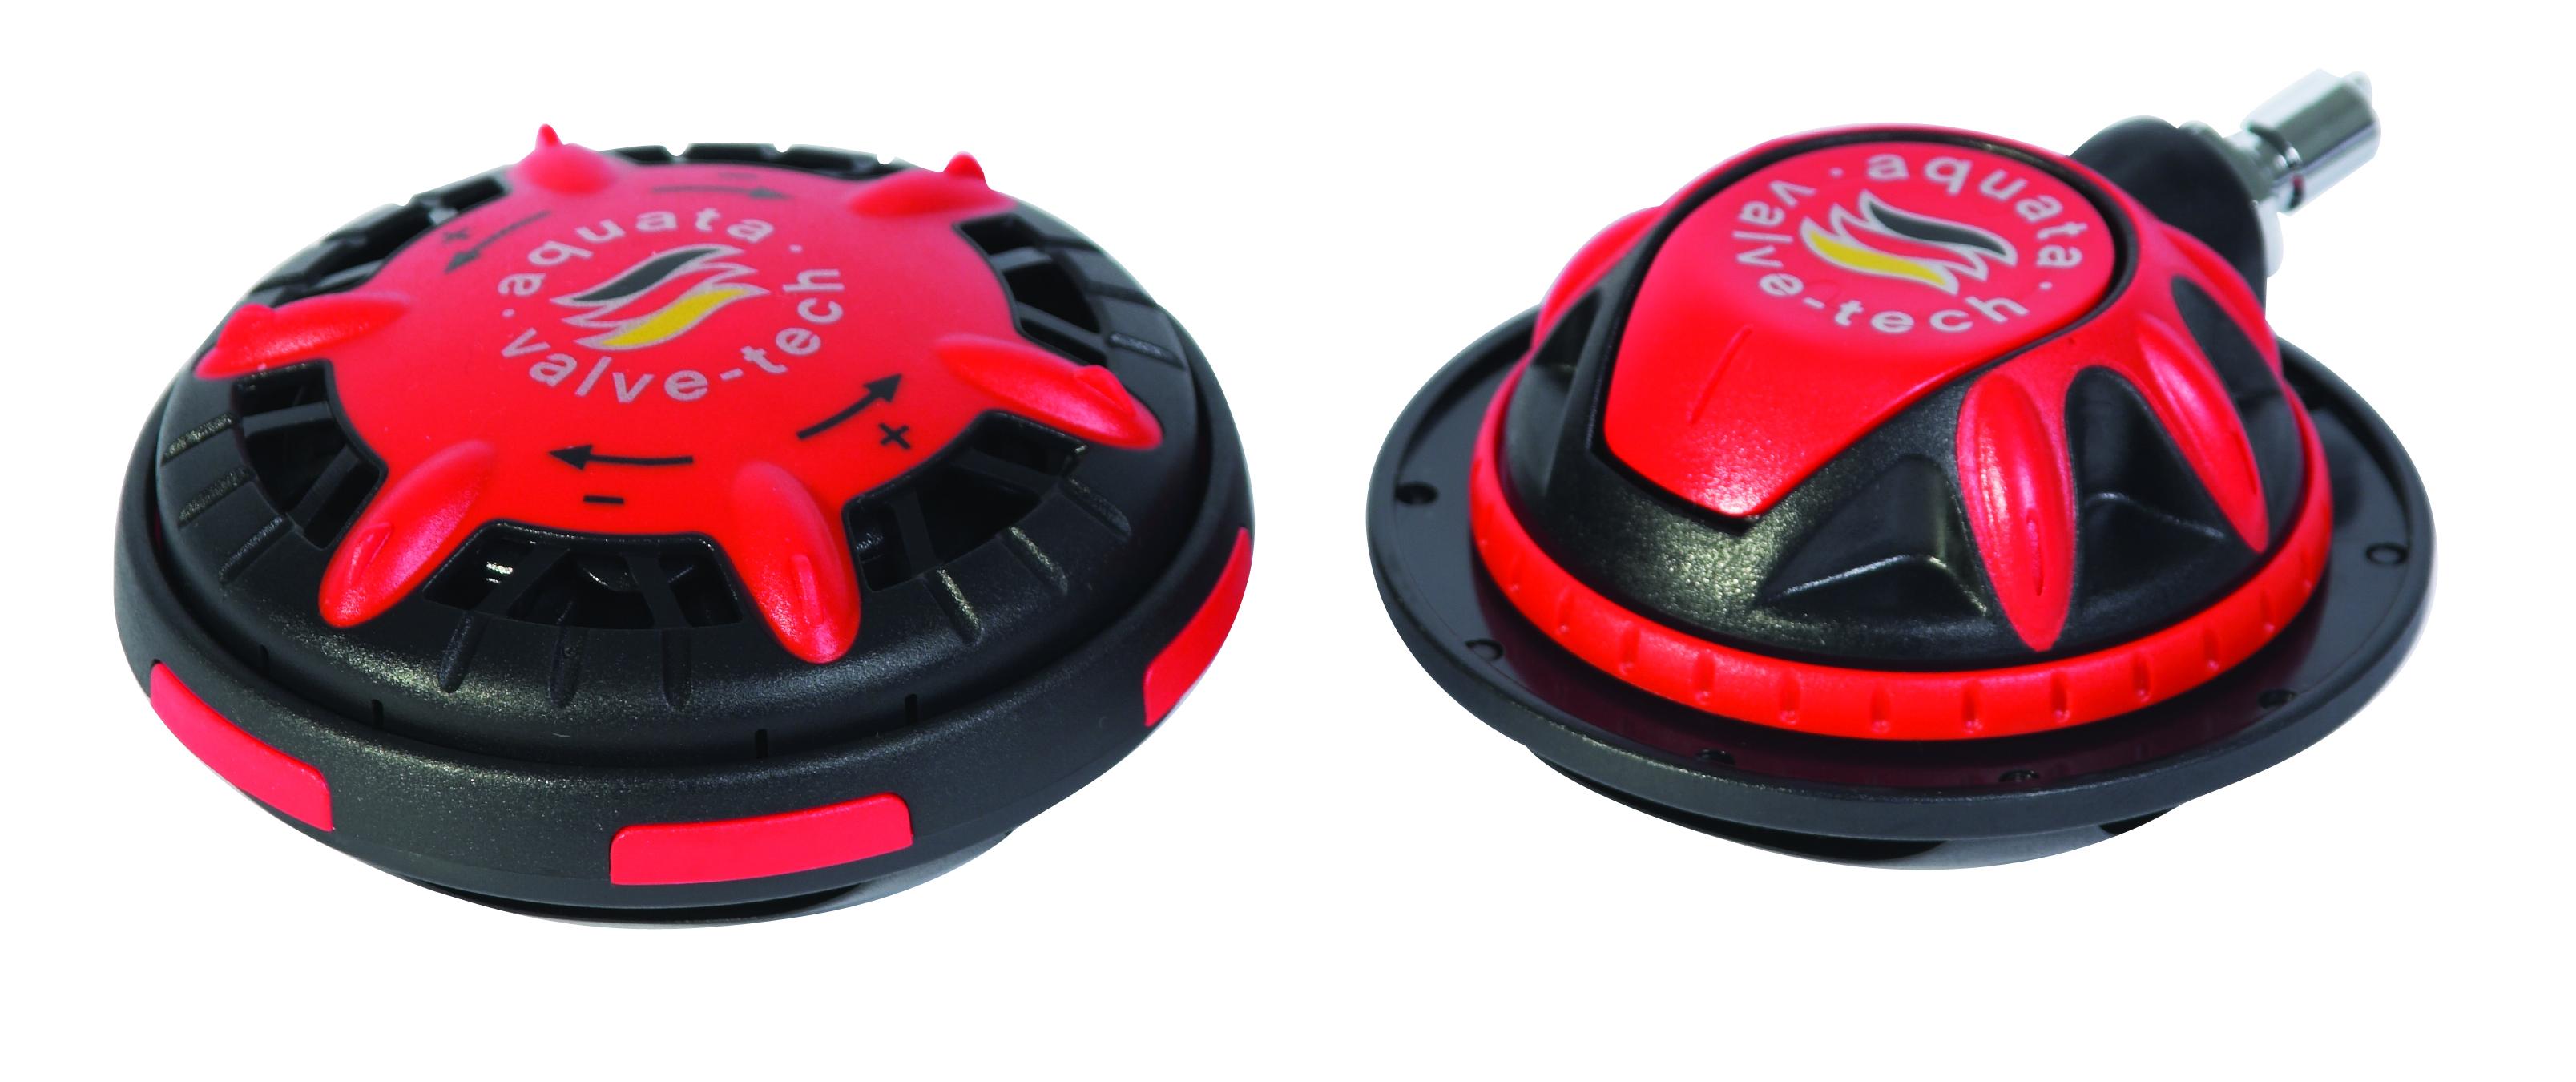 aquata Einlassventil  Mitteldruck für Trockentauchanzüge rot |aquata